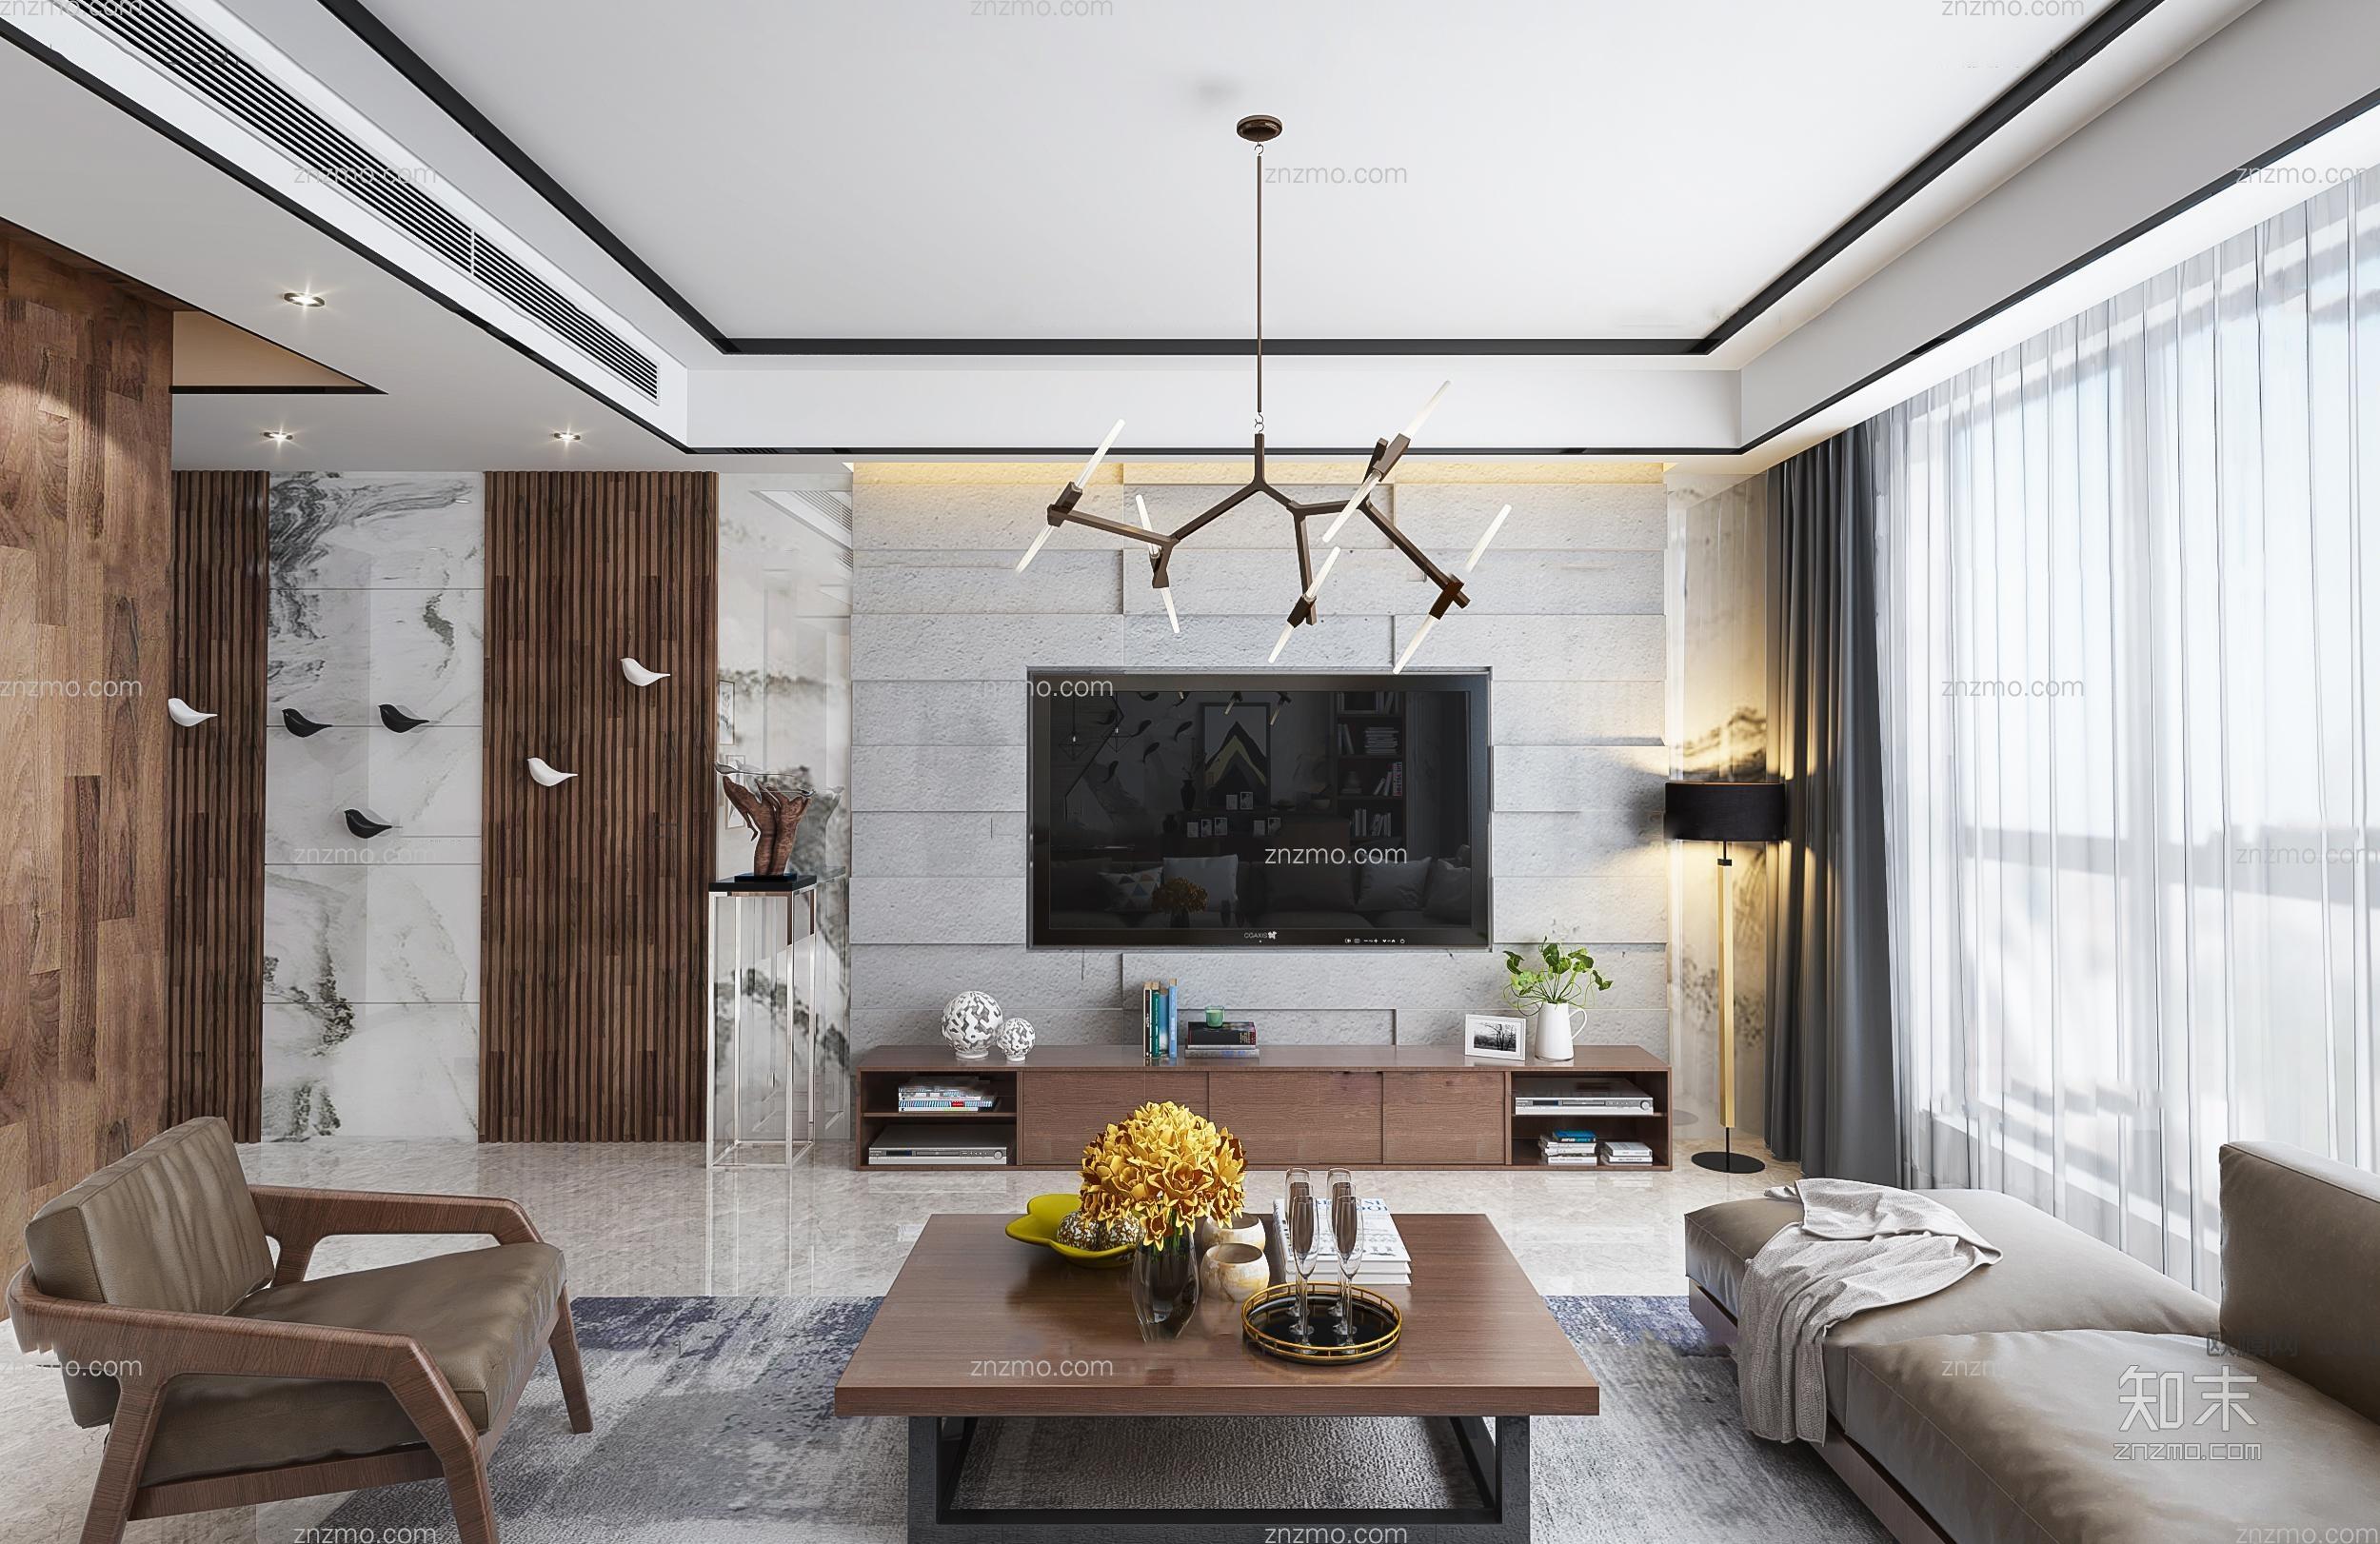 现代客厅 吊灯 沙发茶几 休闲椅 挂画 插花